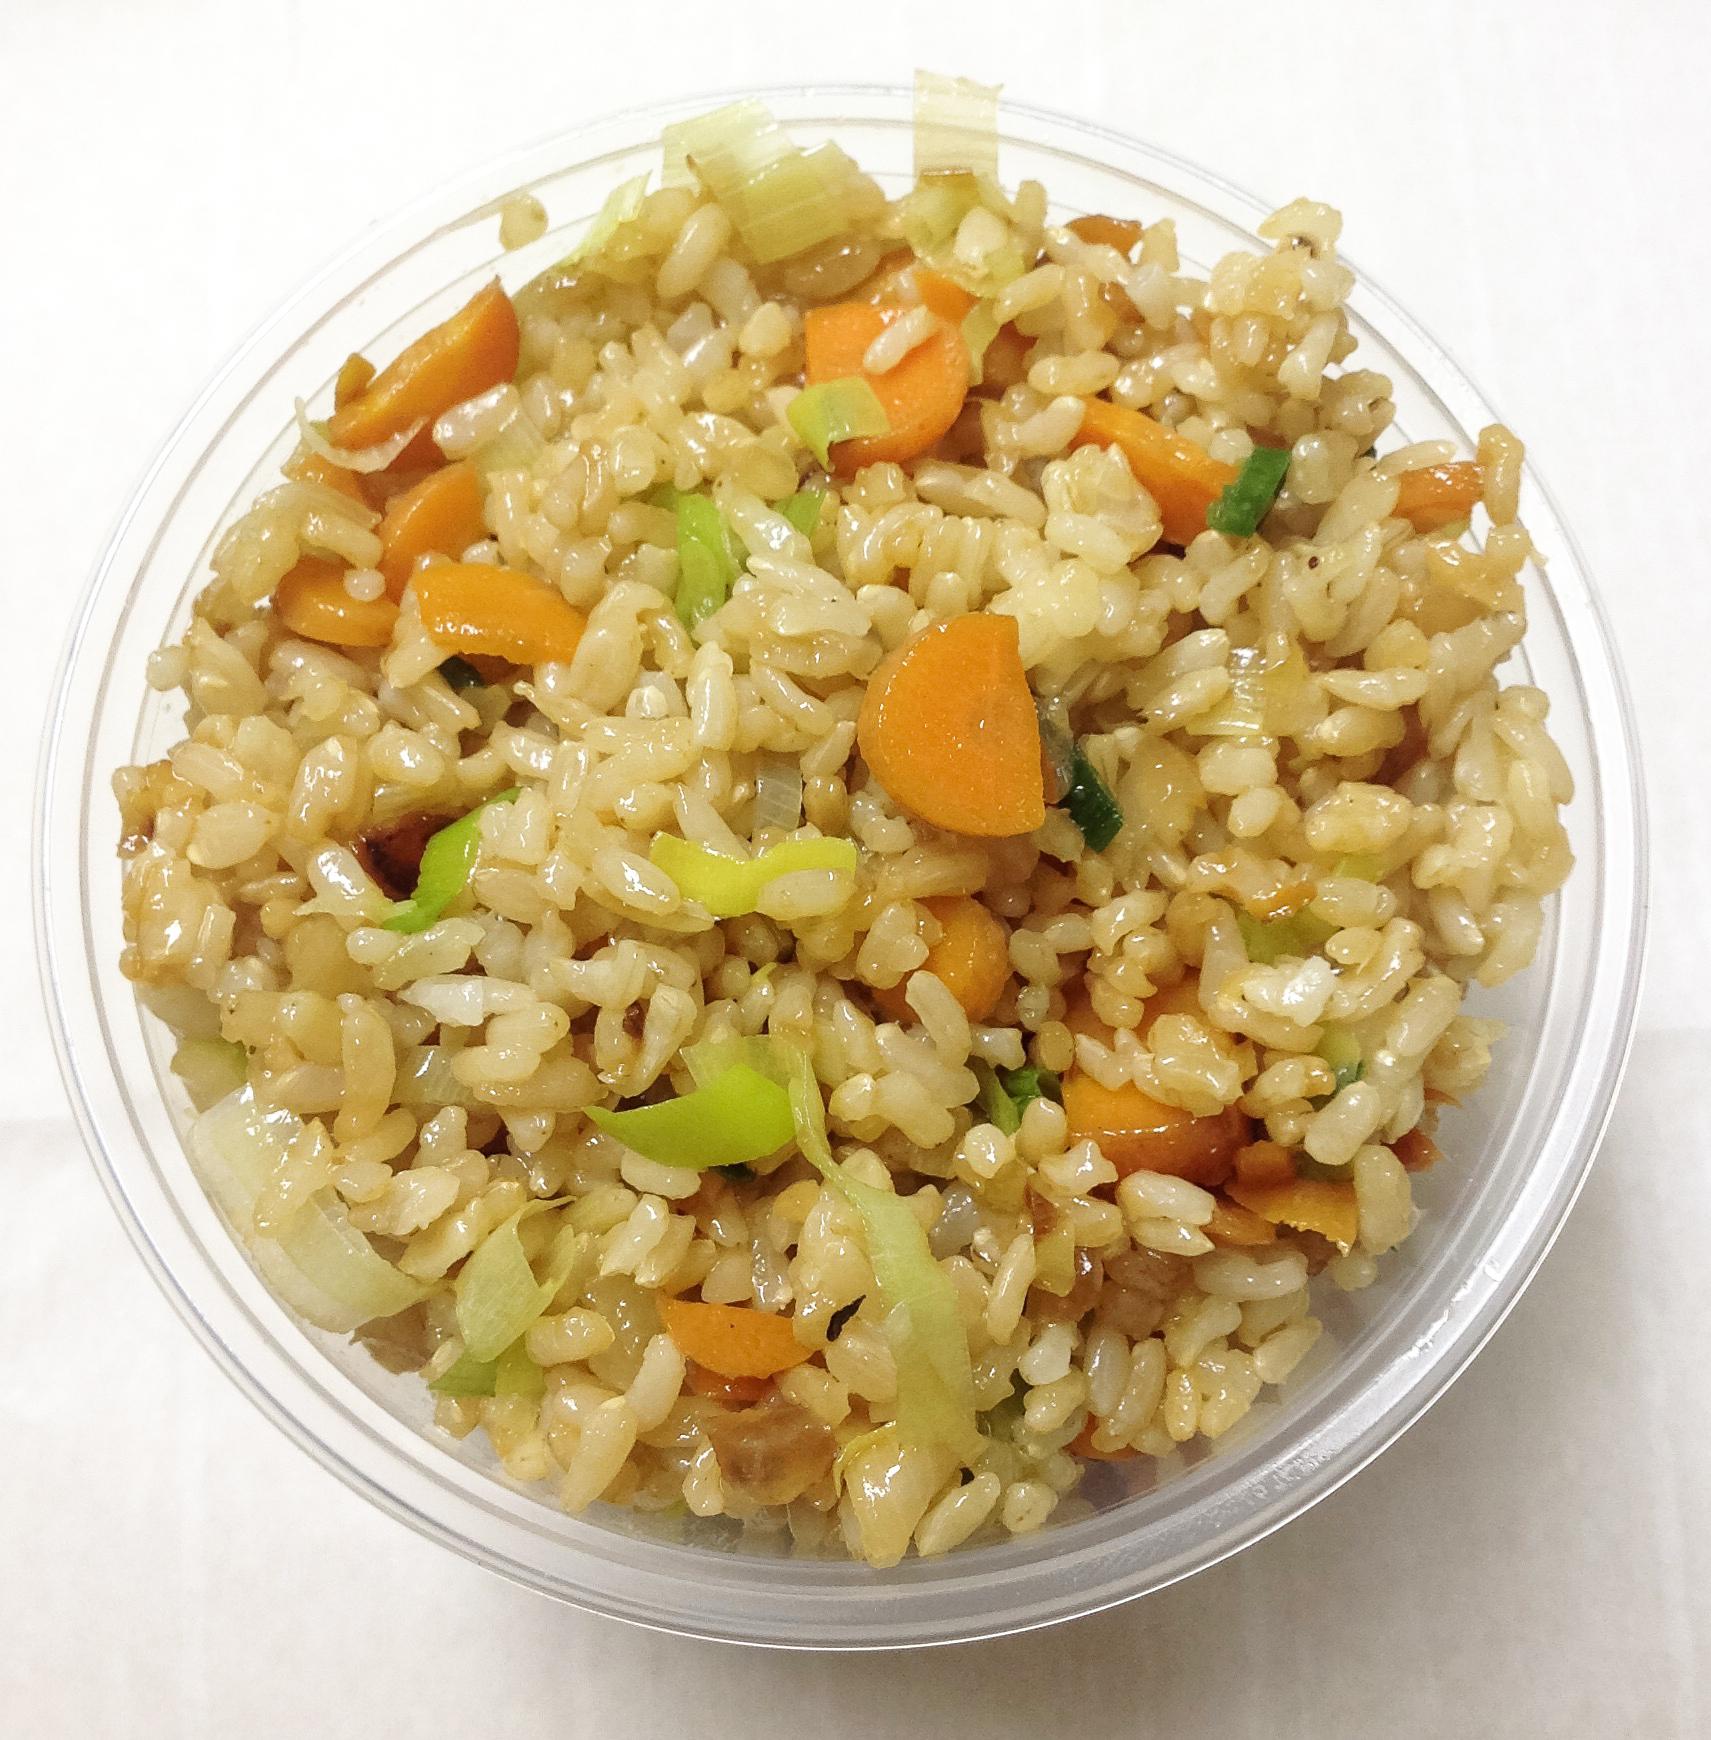 Stir-carrot-leek.jpg